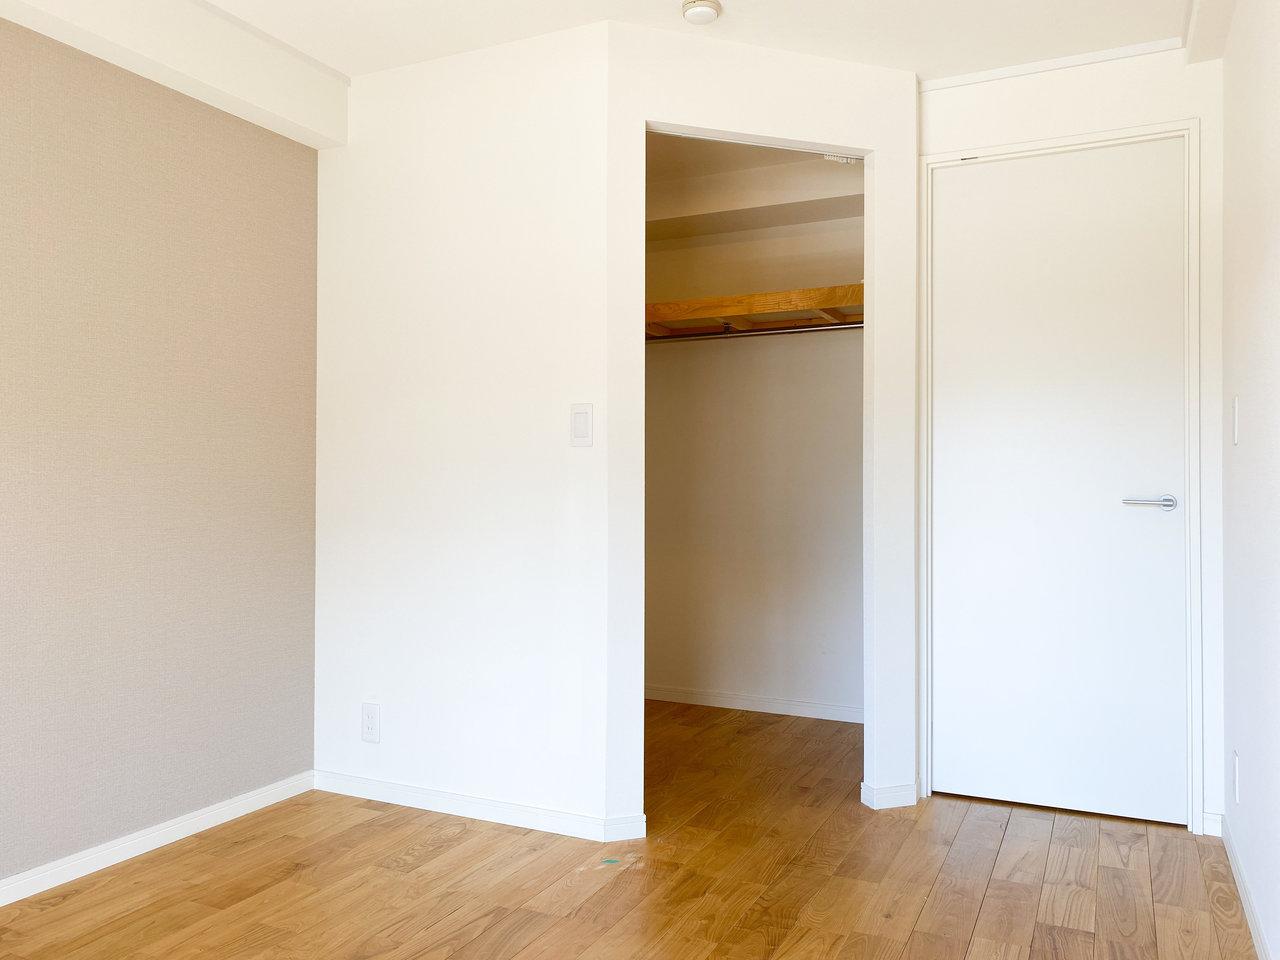 もう一方のお部屋は5畳。ウォークインクローゼットもあり、収納には申し分なさそう。